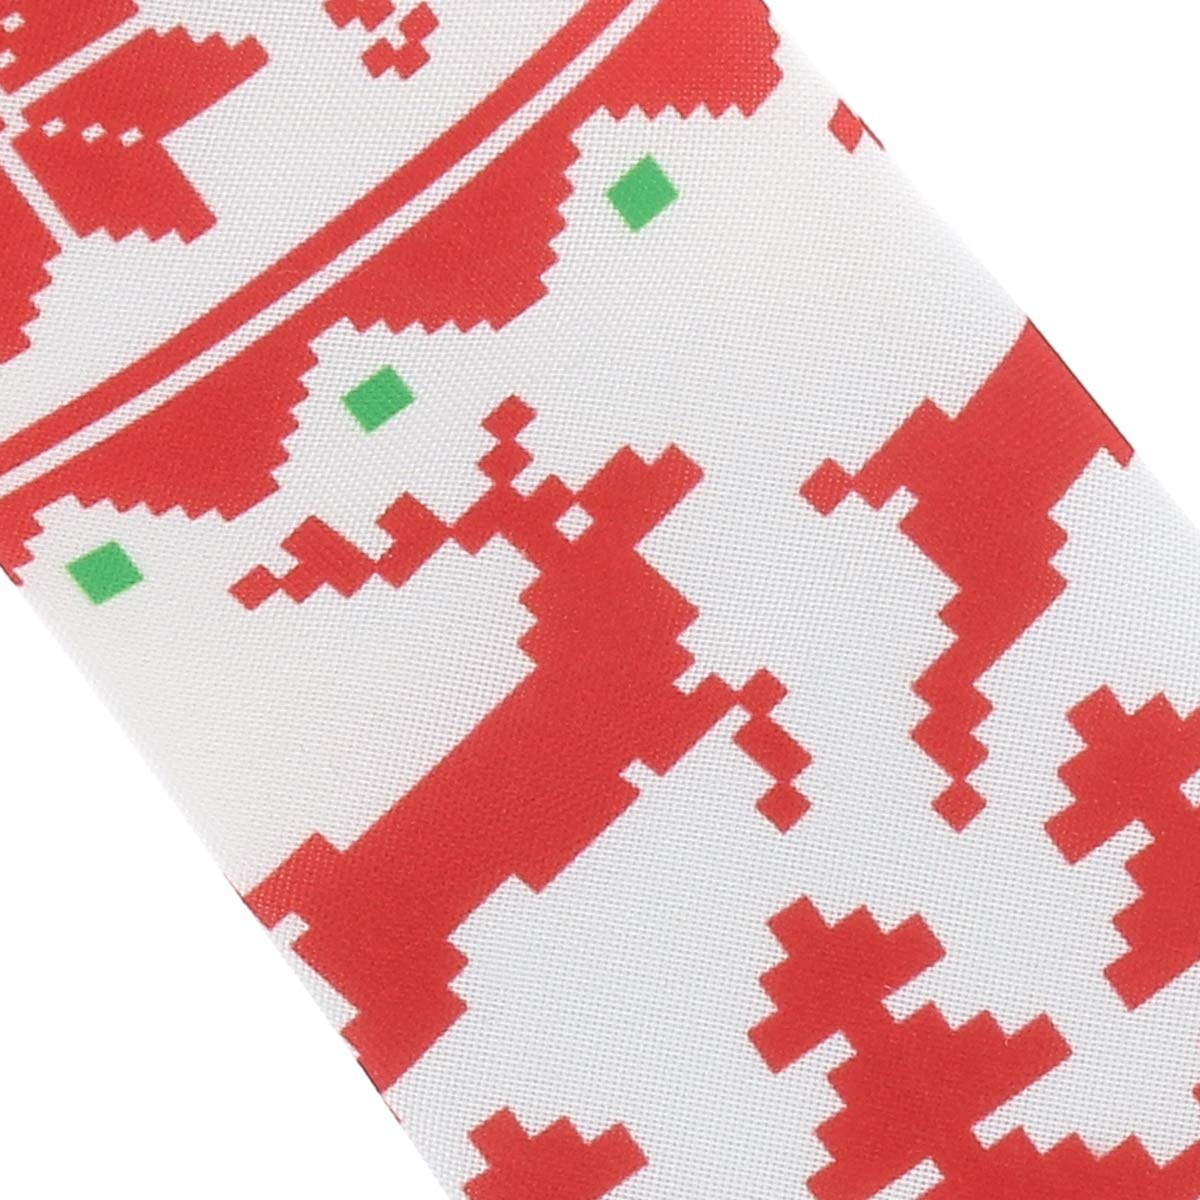 Gr/ün und Wei/ß Krawatte SHIPITNOW Weihnachten Krawatte Jacquard Rot Weihnachten Rentier Schneeflocke und Tannenbaum Krawatte